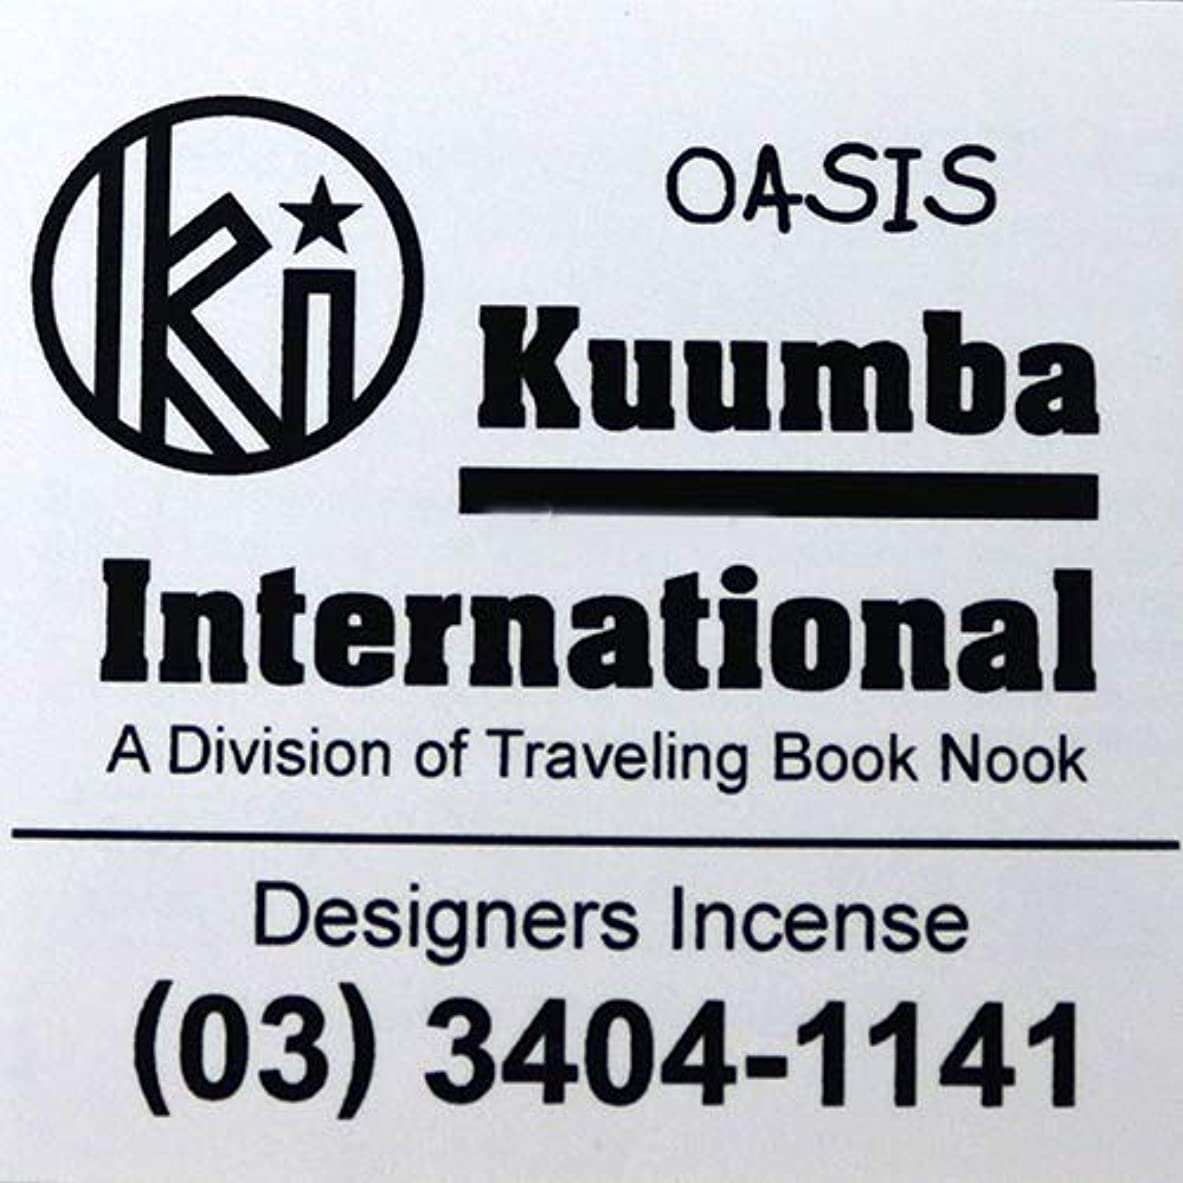 崩壊休戦ブルジョン(クンバ) KUUMBA『incense』(OASIS) (OASIS, Regular size)